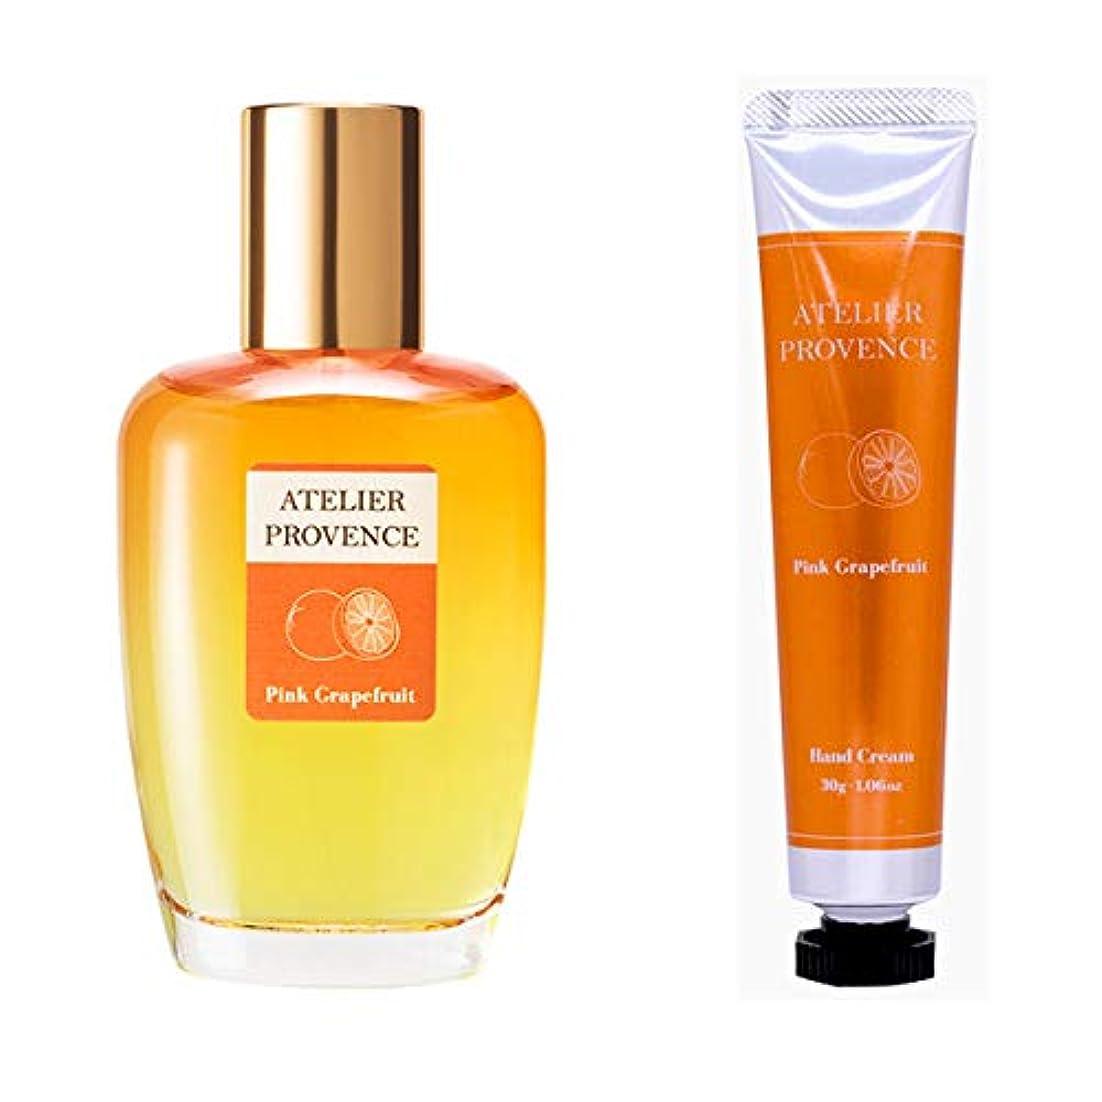 カウンタ依存ファランクスアトリエ プロヴァンス ATELIER PROVENCE ピンクグレープフルーツの香り コフレセット(EDT90ml+ハンドクリーム30g)